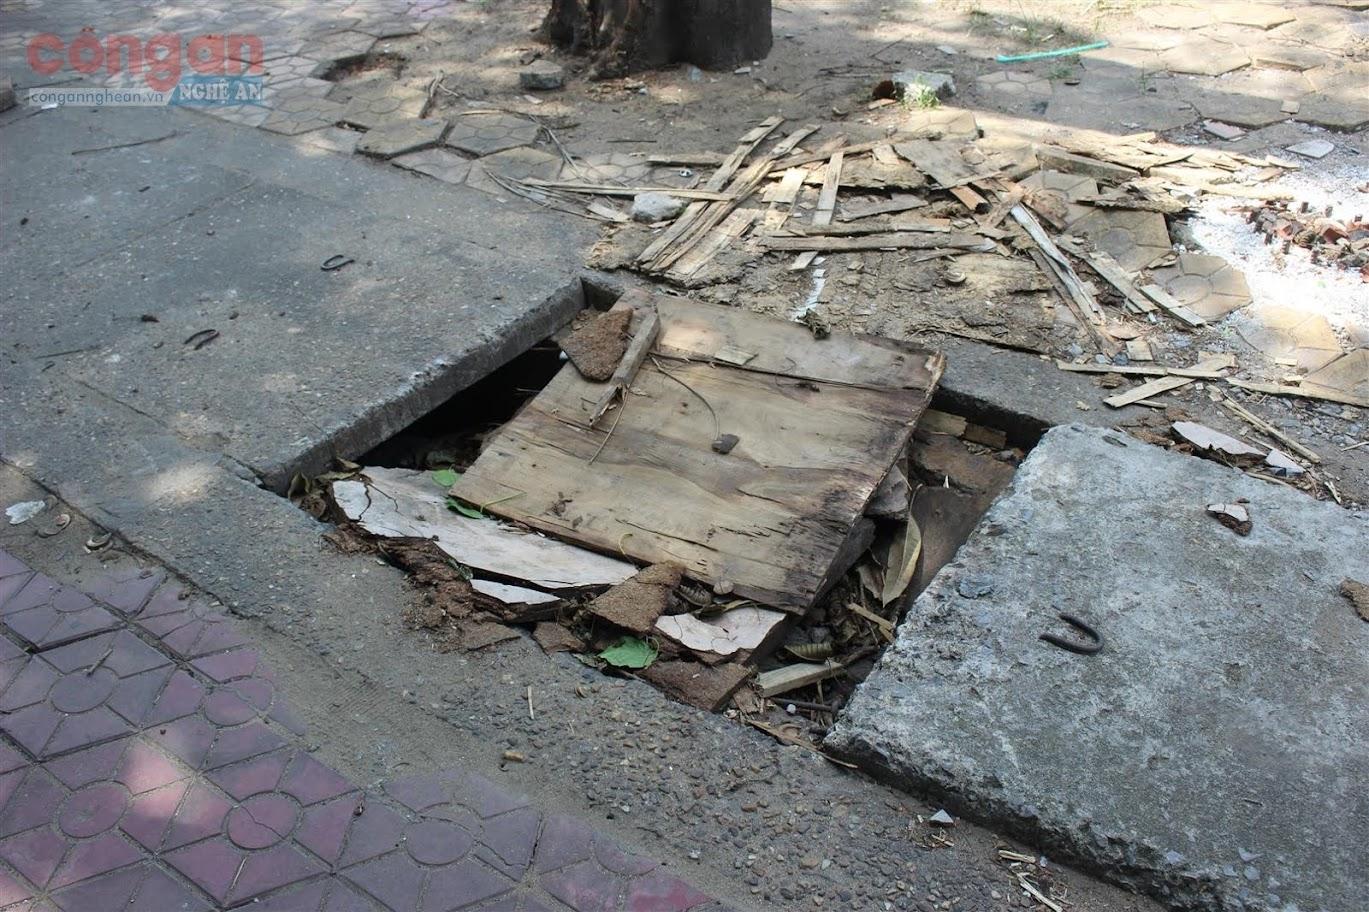 Tại tuyến đường Phan Đăng Lưu xuất hiện một số hố sâu mất nắp rất nguy hiểm cho người đi đường.